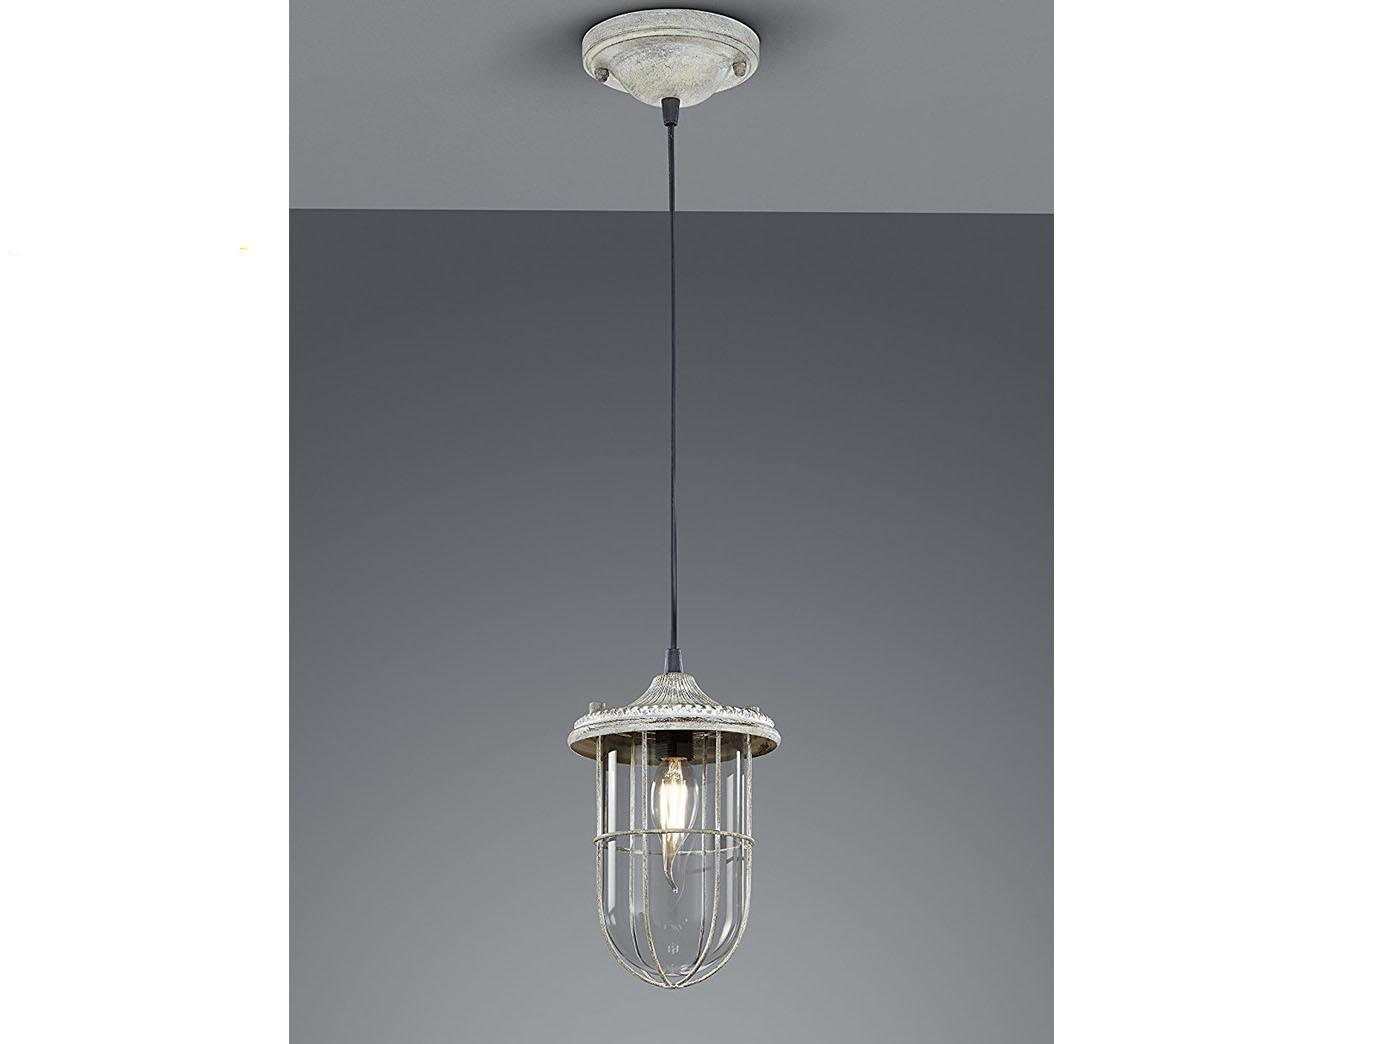 LED Hängelampe grau antik Lampenschirm Glas 14,5cm, Retro Pendelleuchte Vintage